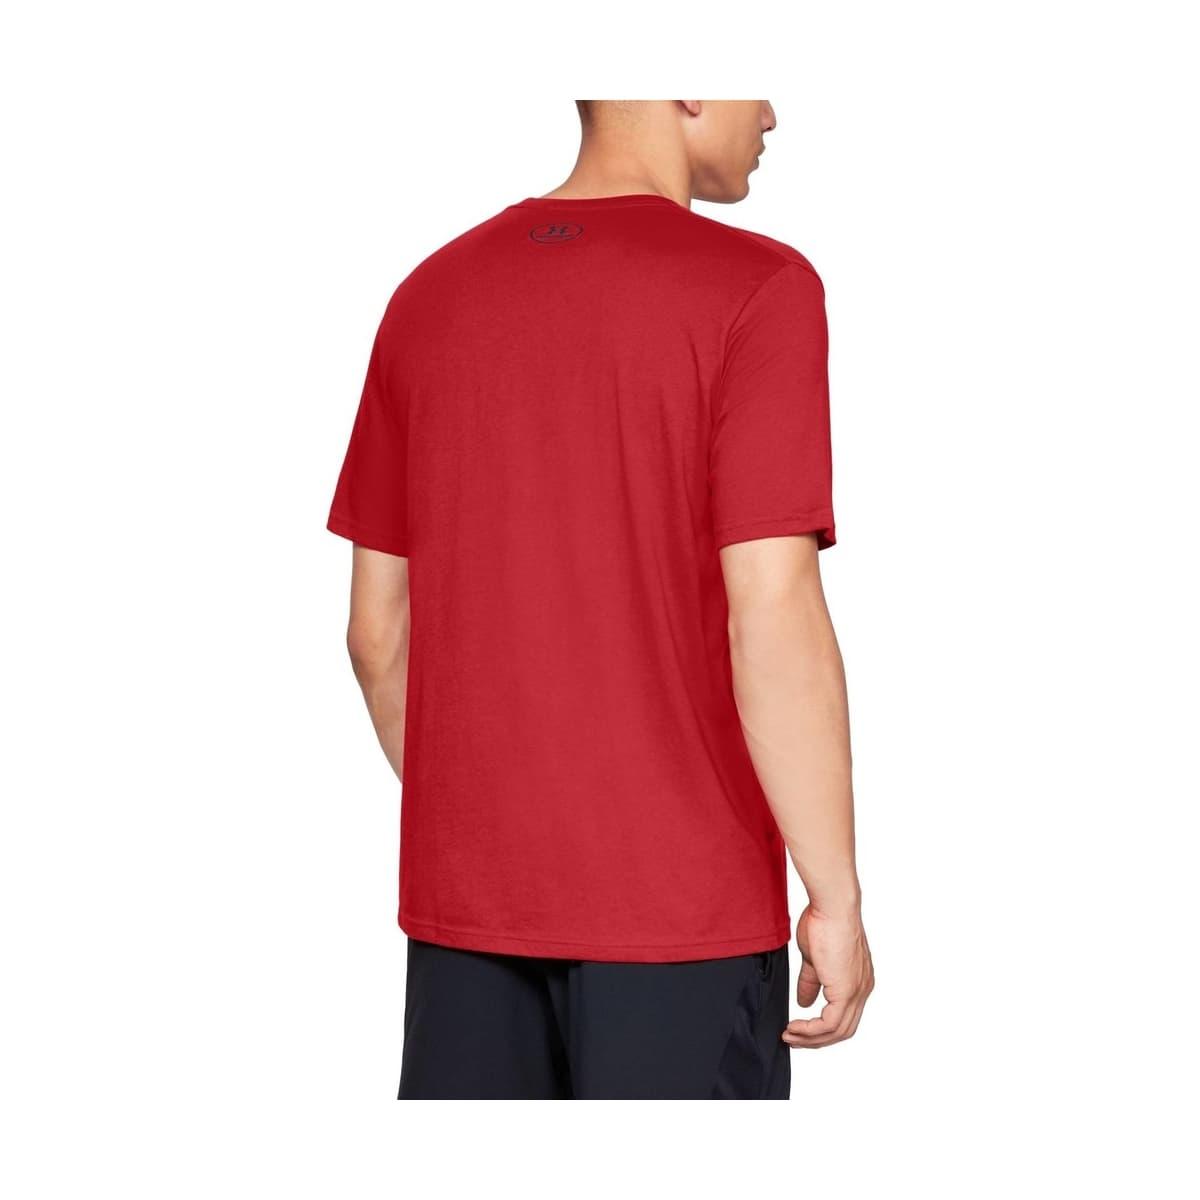 Big Logo Erkek Kırmızı Tişört (1329583-600)